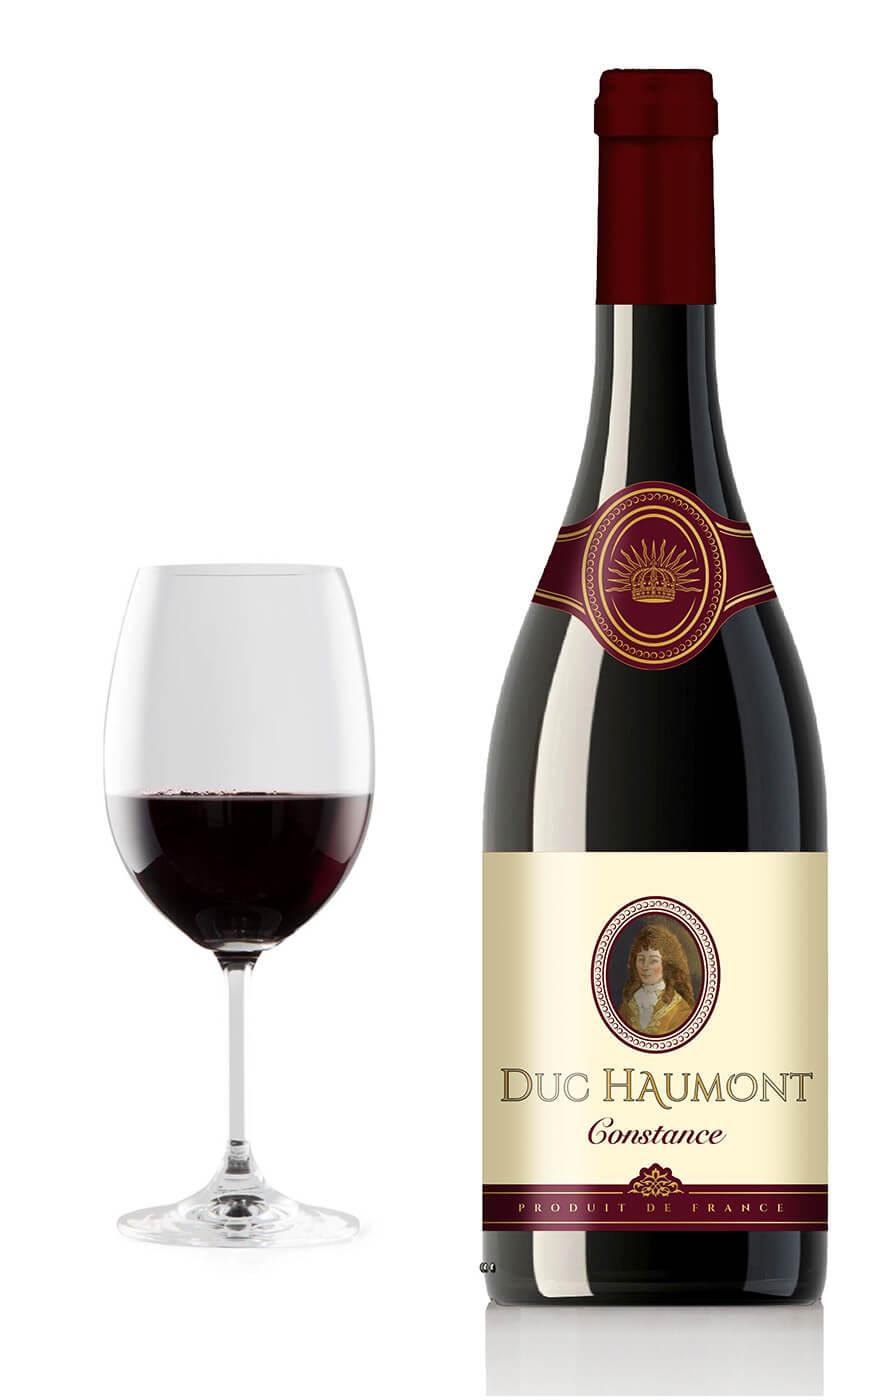 constance-duc-haumont